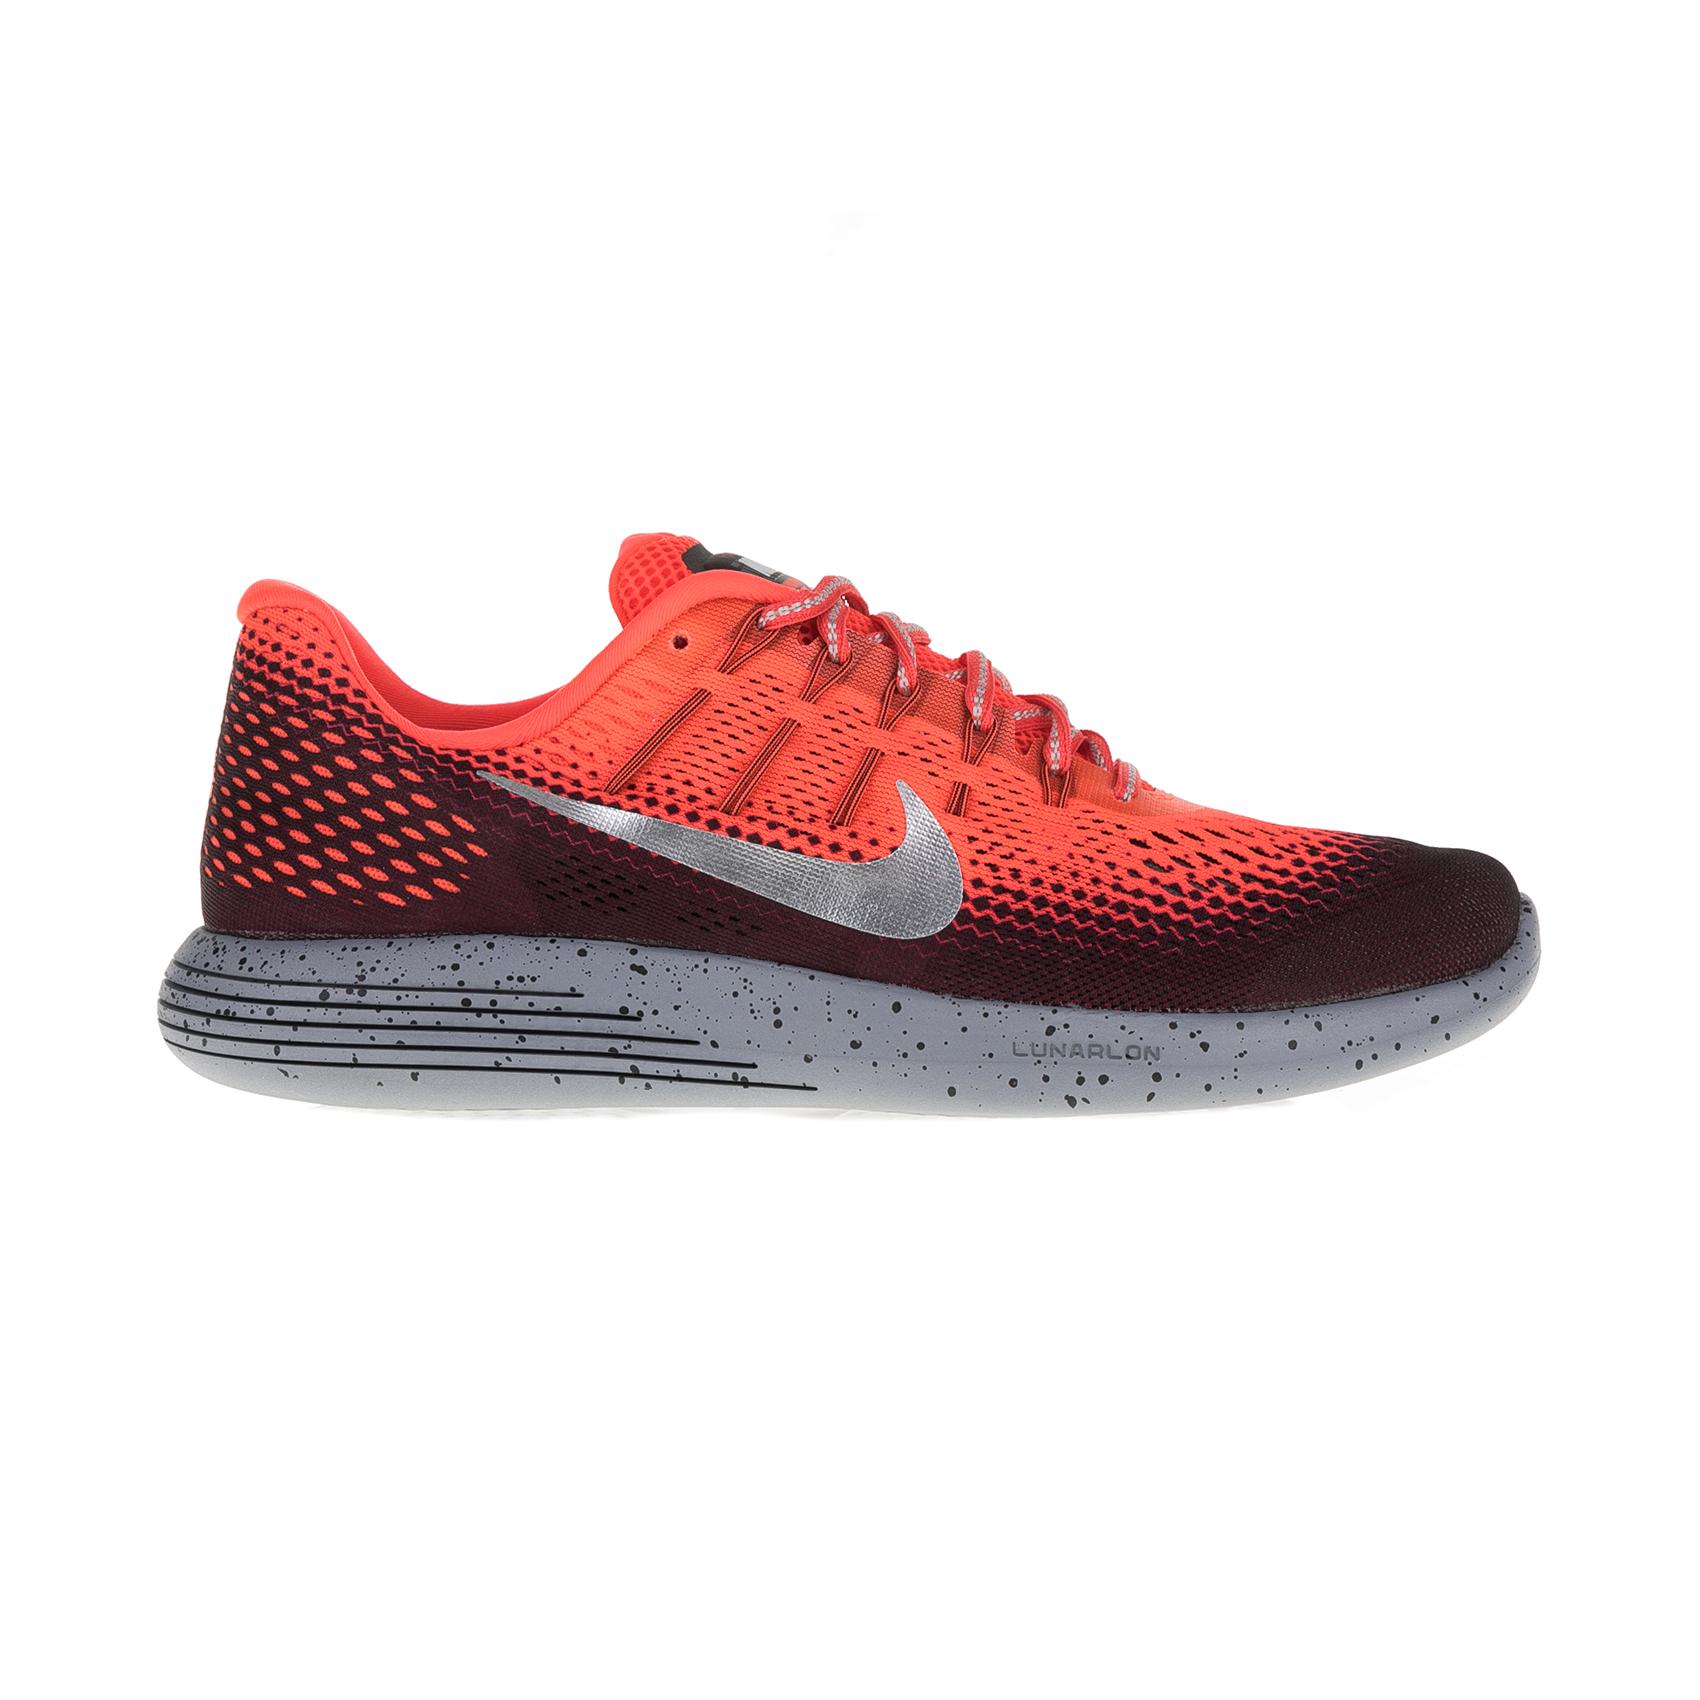 NIKE – Ανδρικά αθλητικά παπούτσια Nike LUNARGLIDE 8 SHIELD κόκκινα